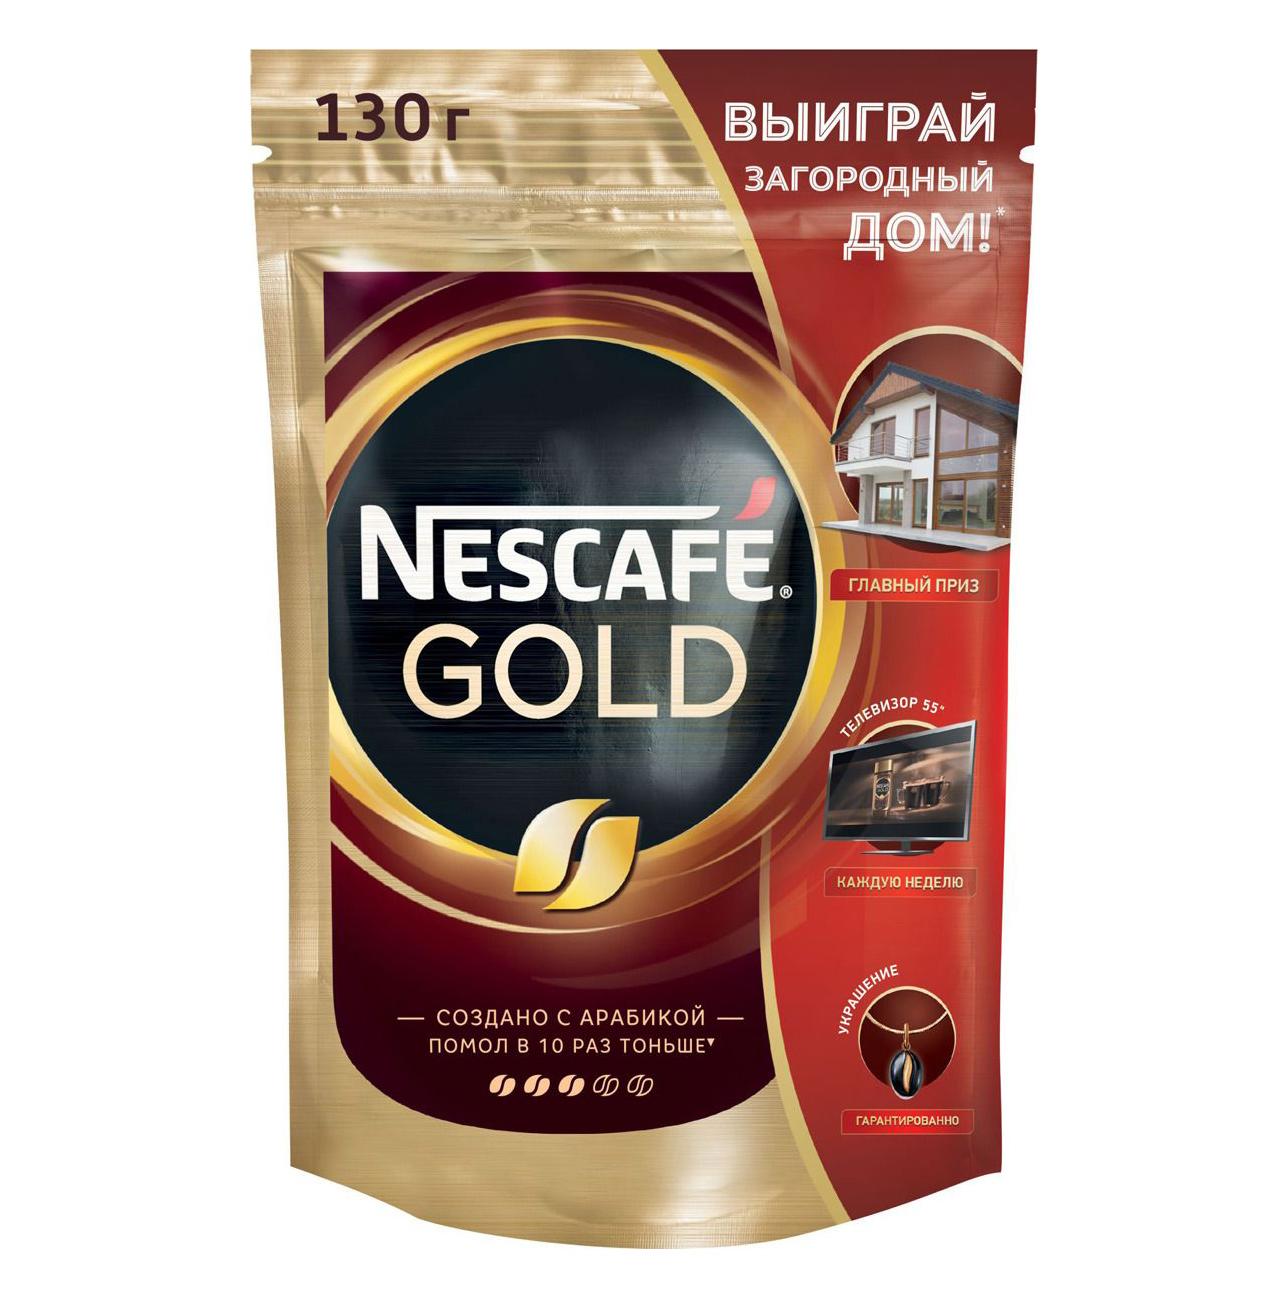 Кофе растворимый Nescafe Gold 130 г